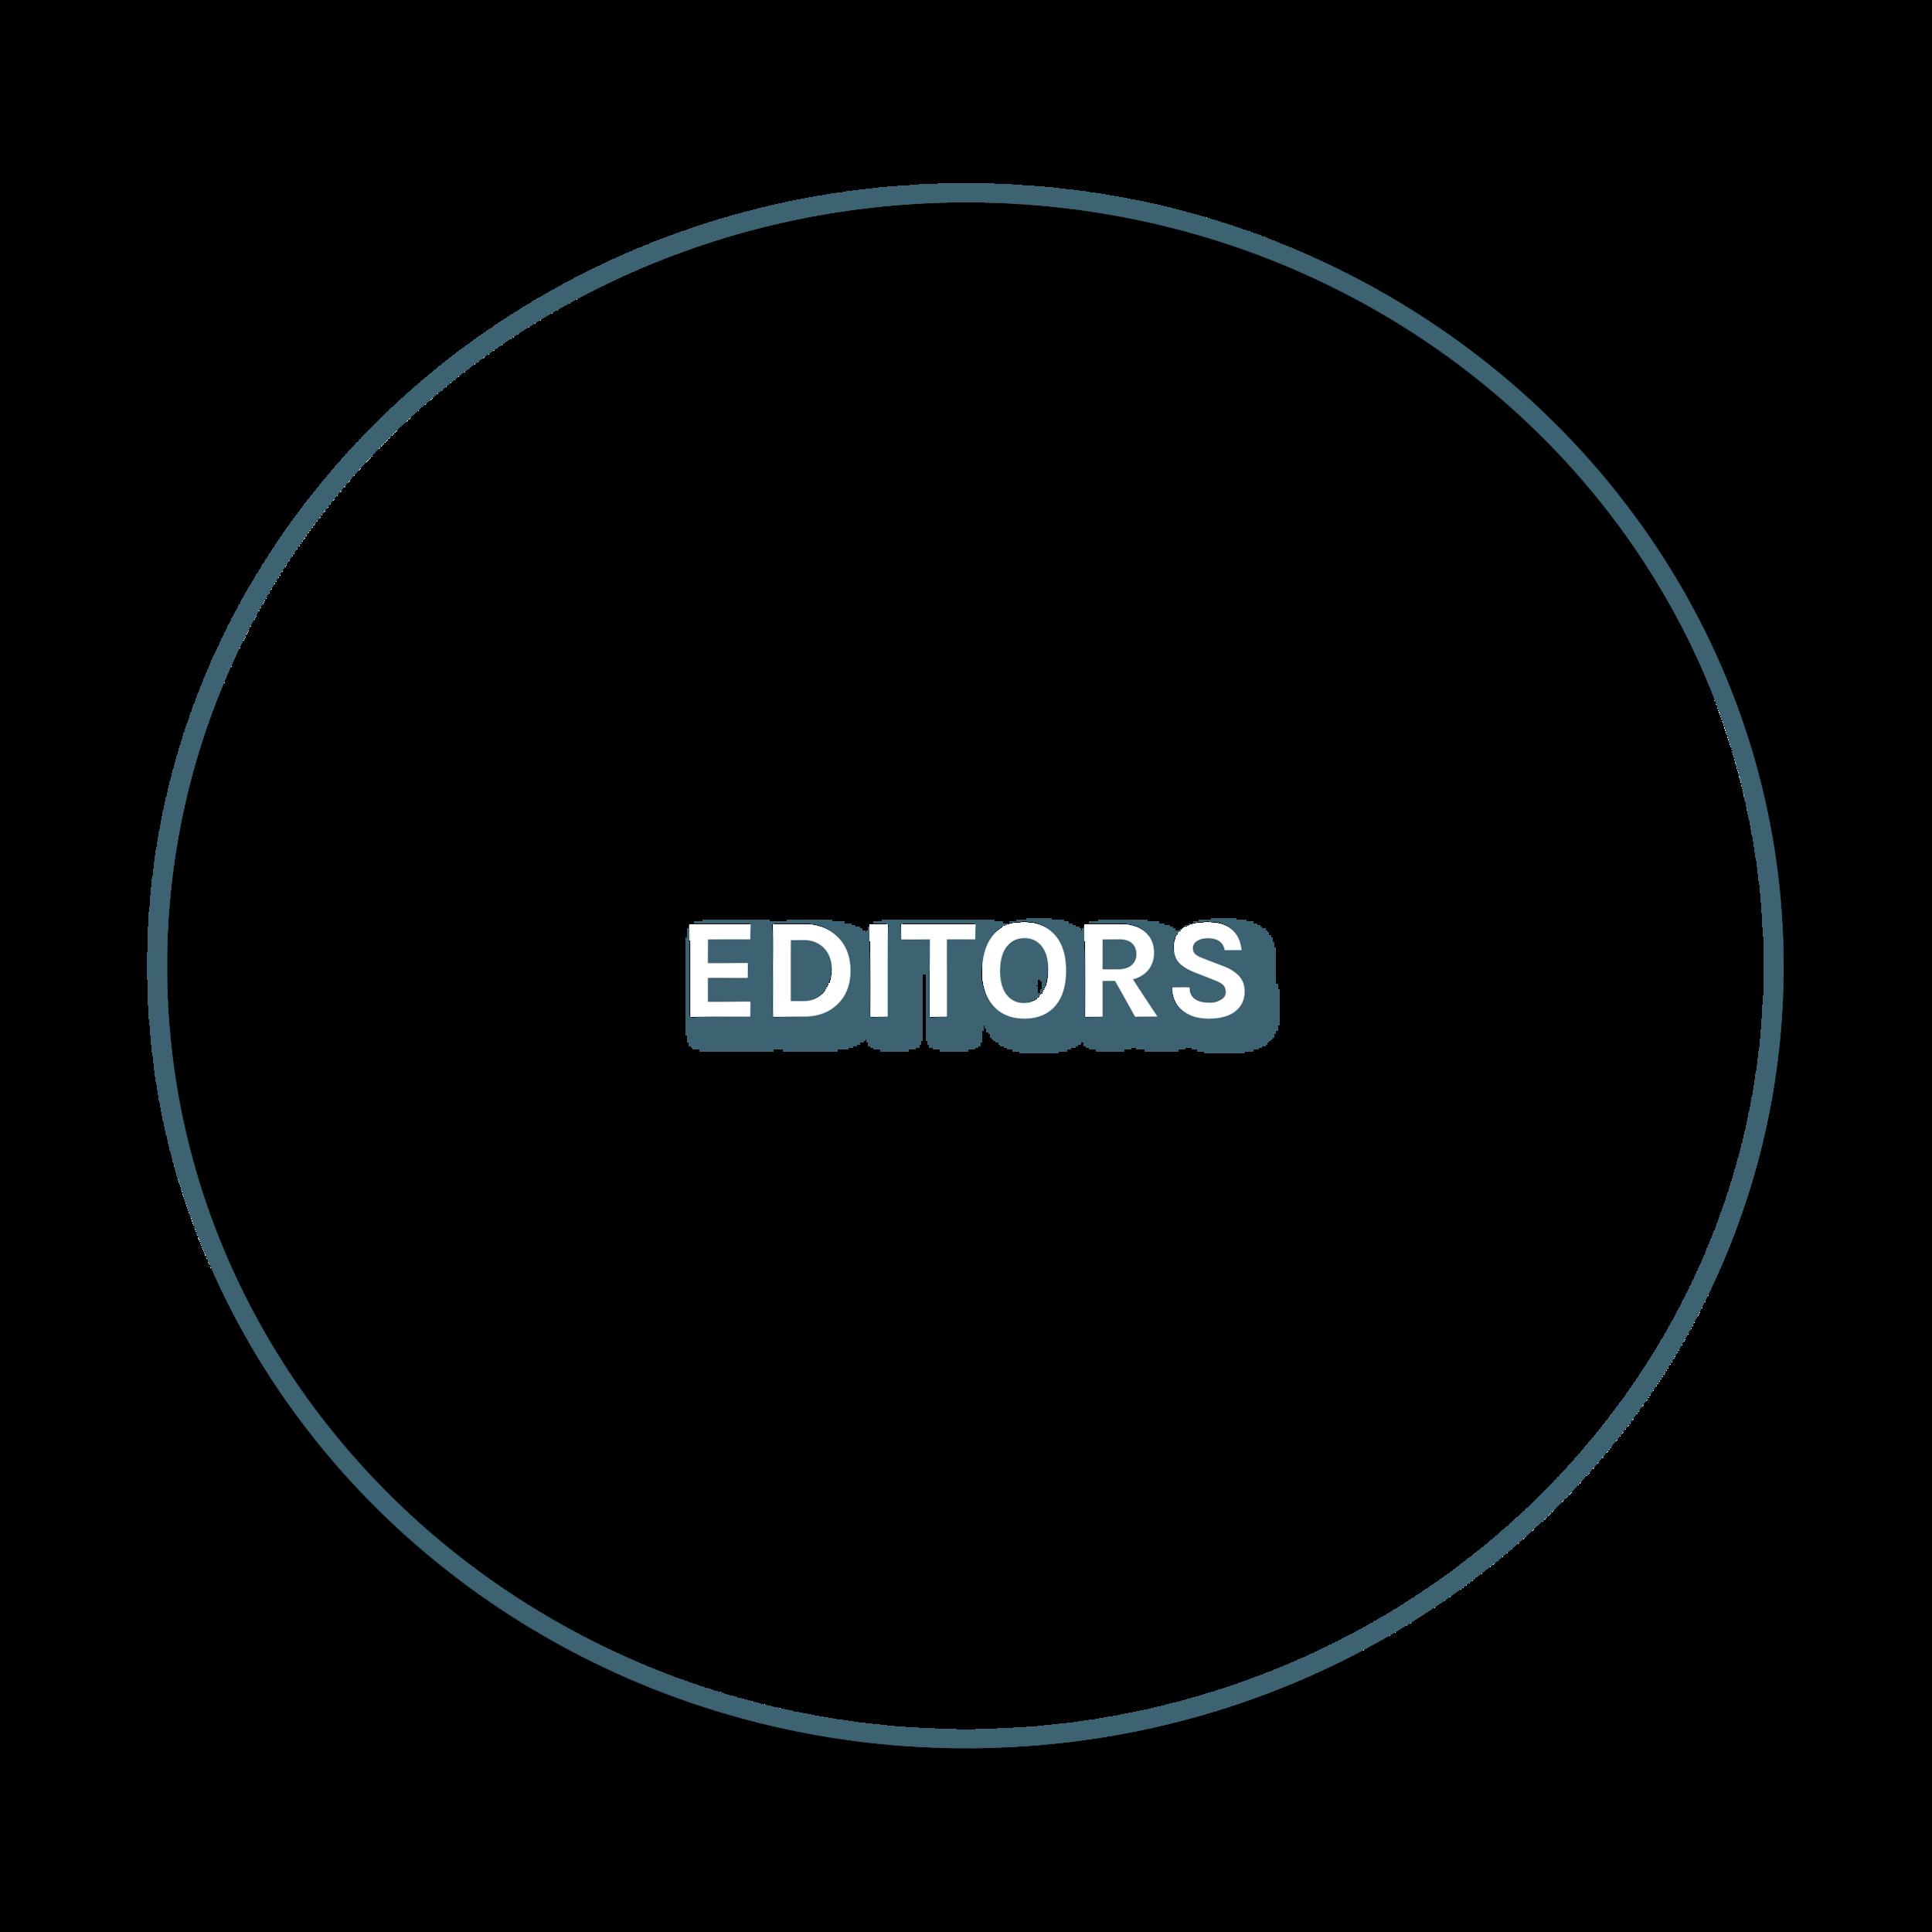 editors02.png